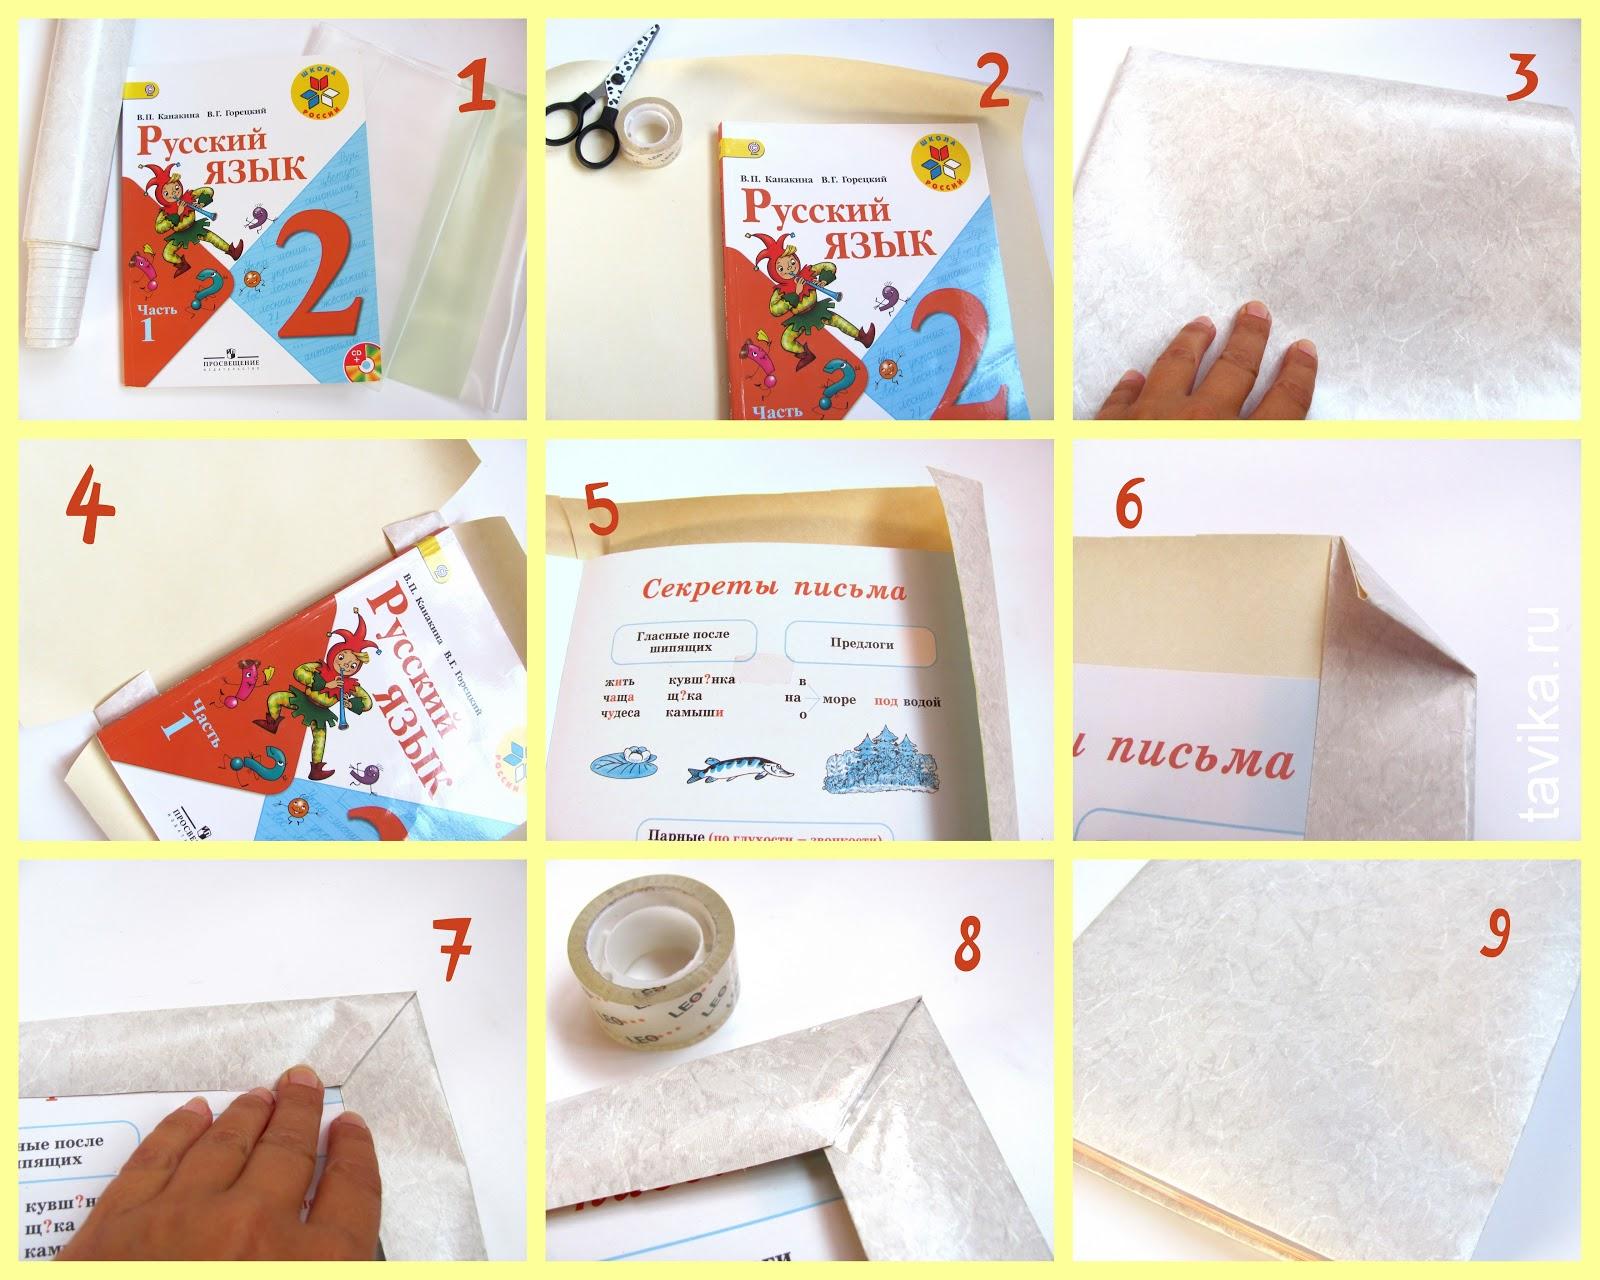 Как сделать обложку на учебник своими руками прозрачную